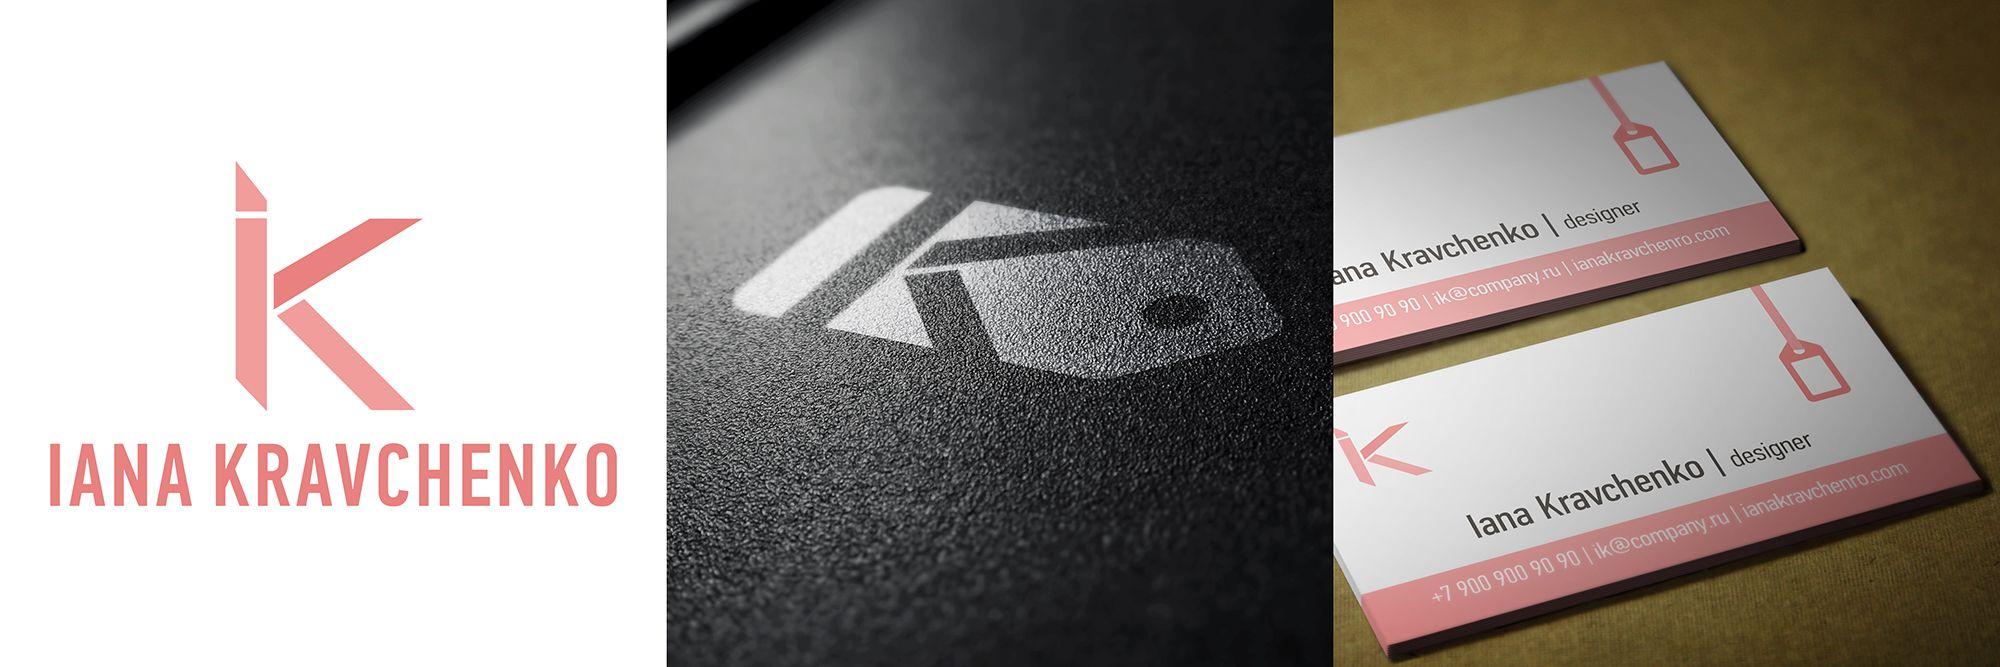 Логотипа и фир. стиля для дизайнера одежды - дизайнер Slaif